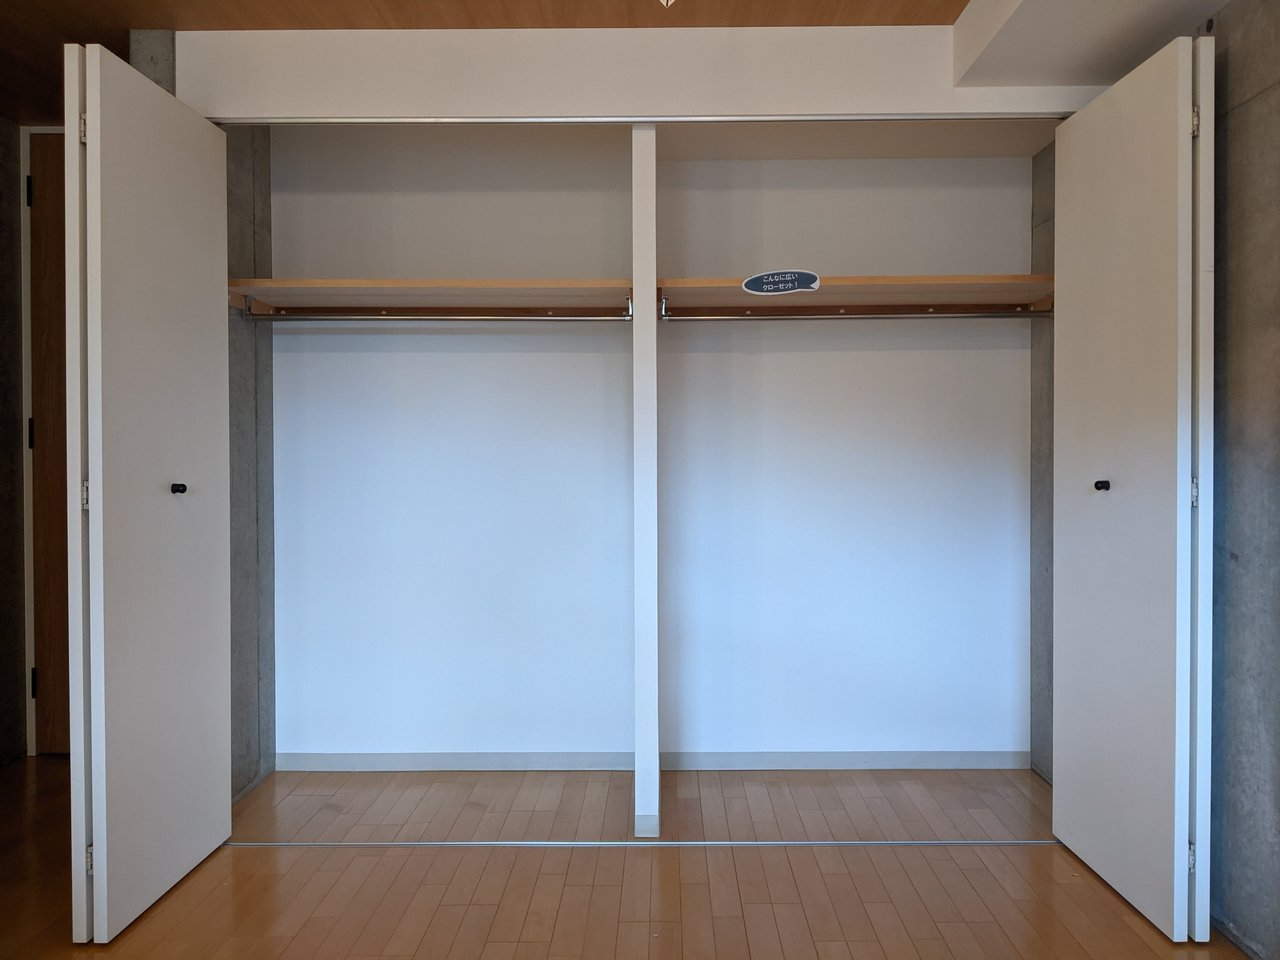 さらにうれしいのが、大容量の収納!奥行きも高さもあるので、洋服から家電、布団まで格納できちゃいます。